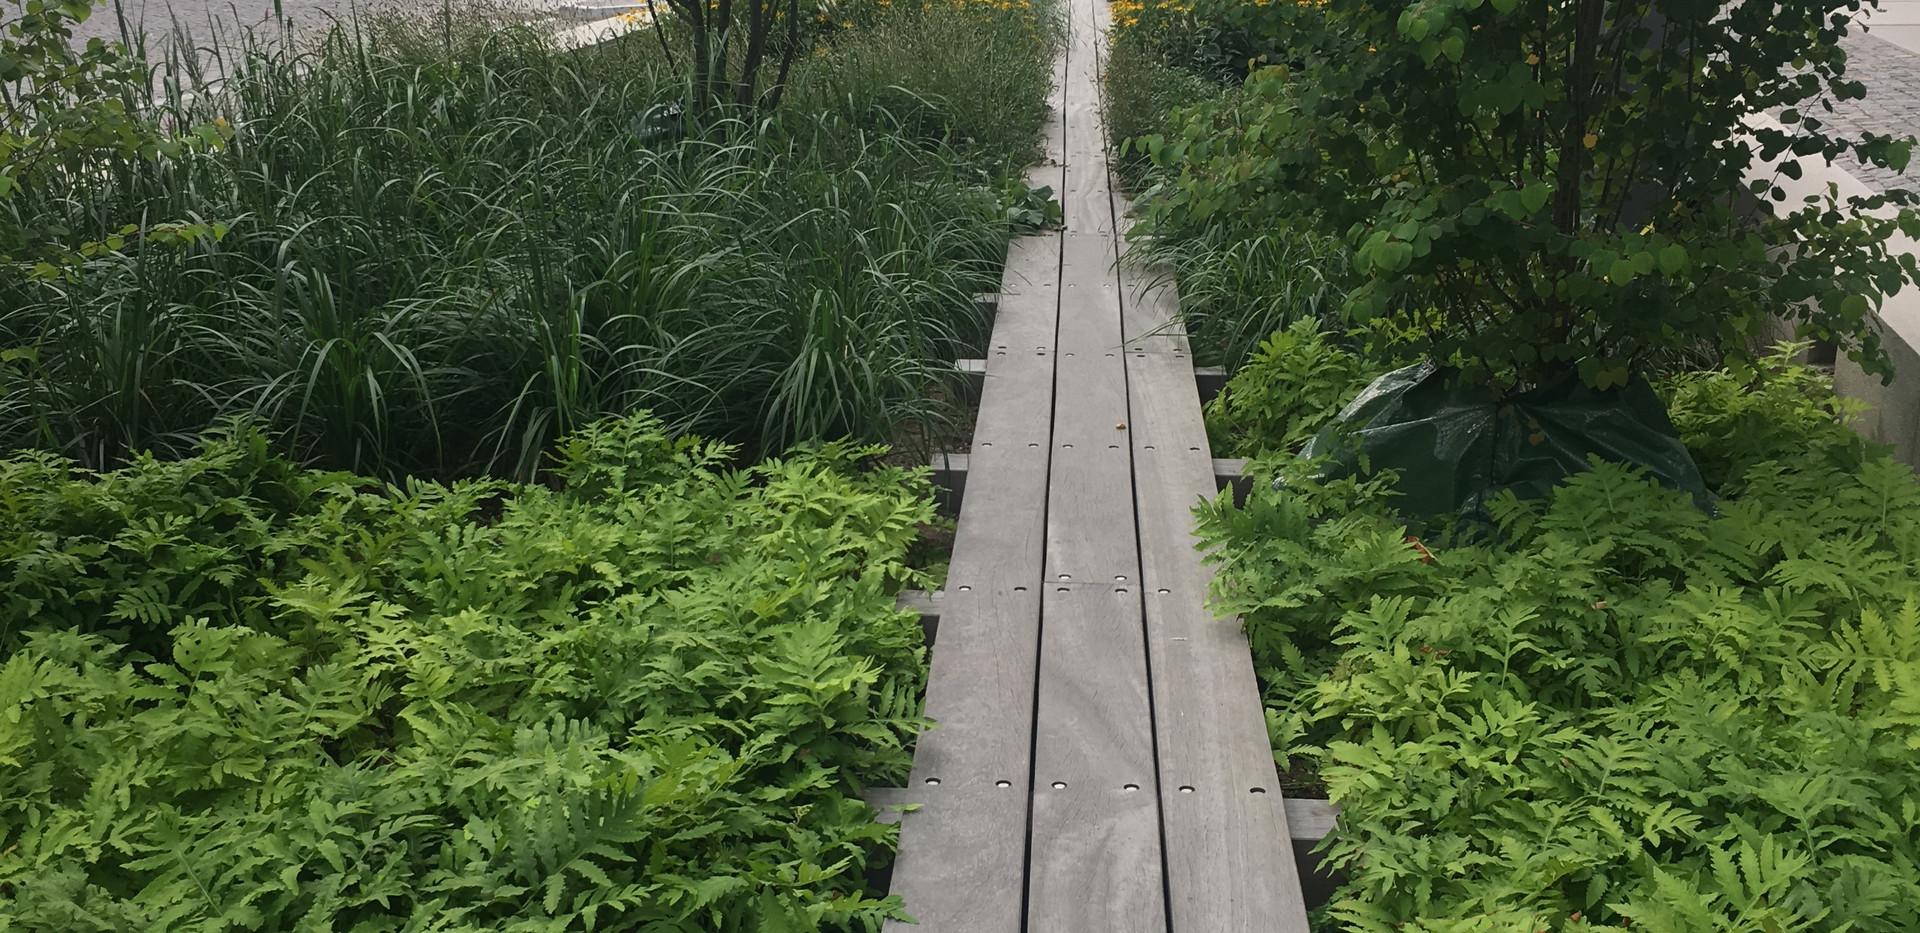 Plantering_Norra_Djurgårdsstaden.jpg